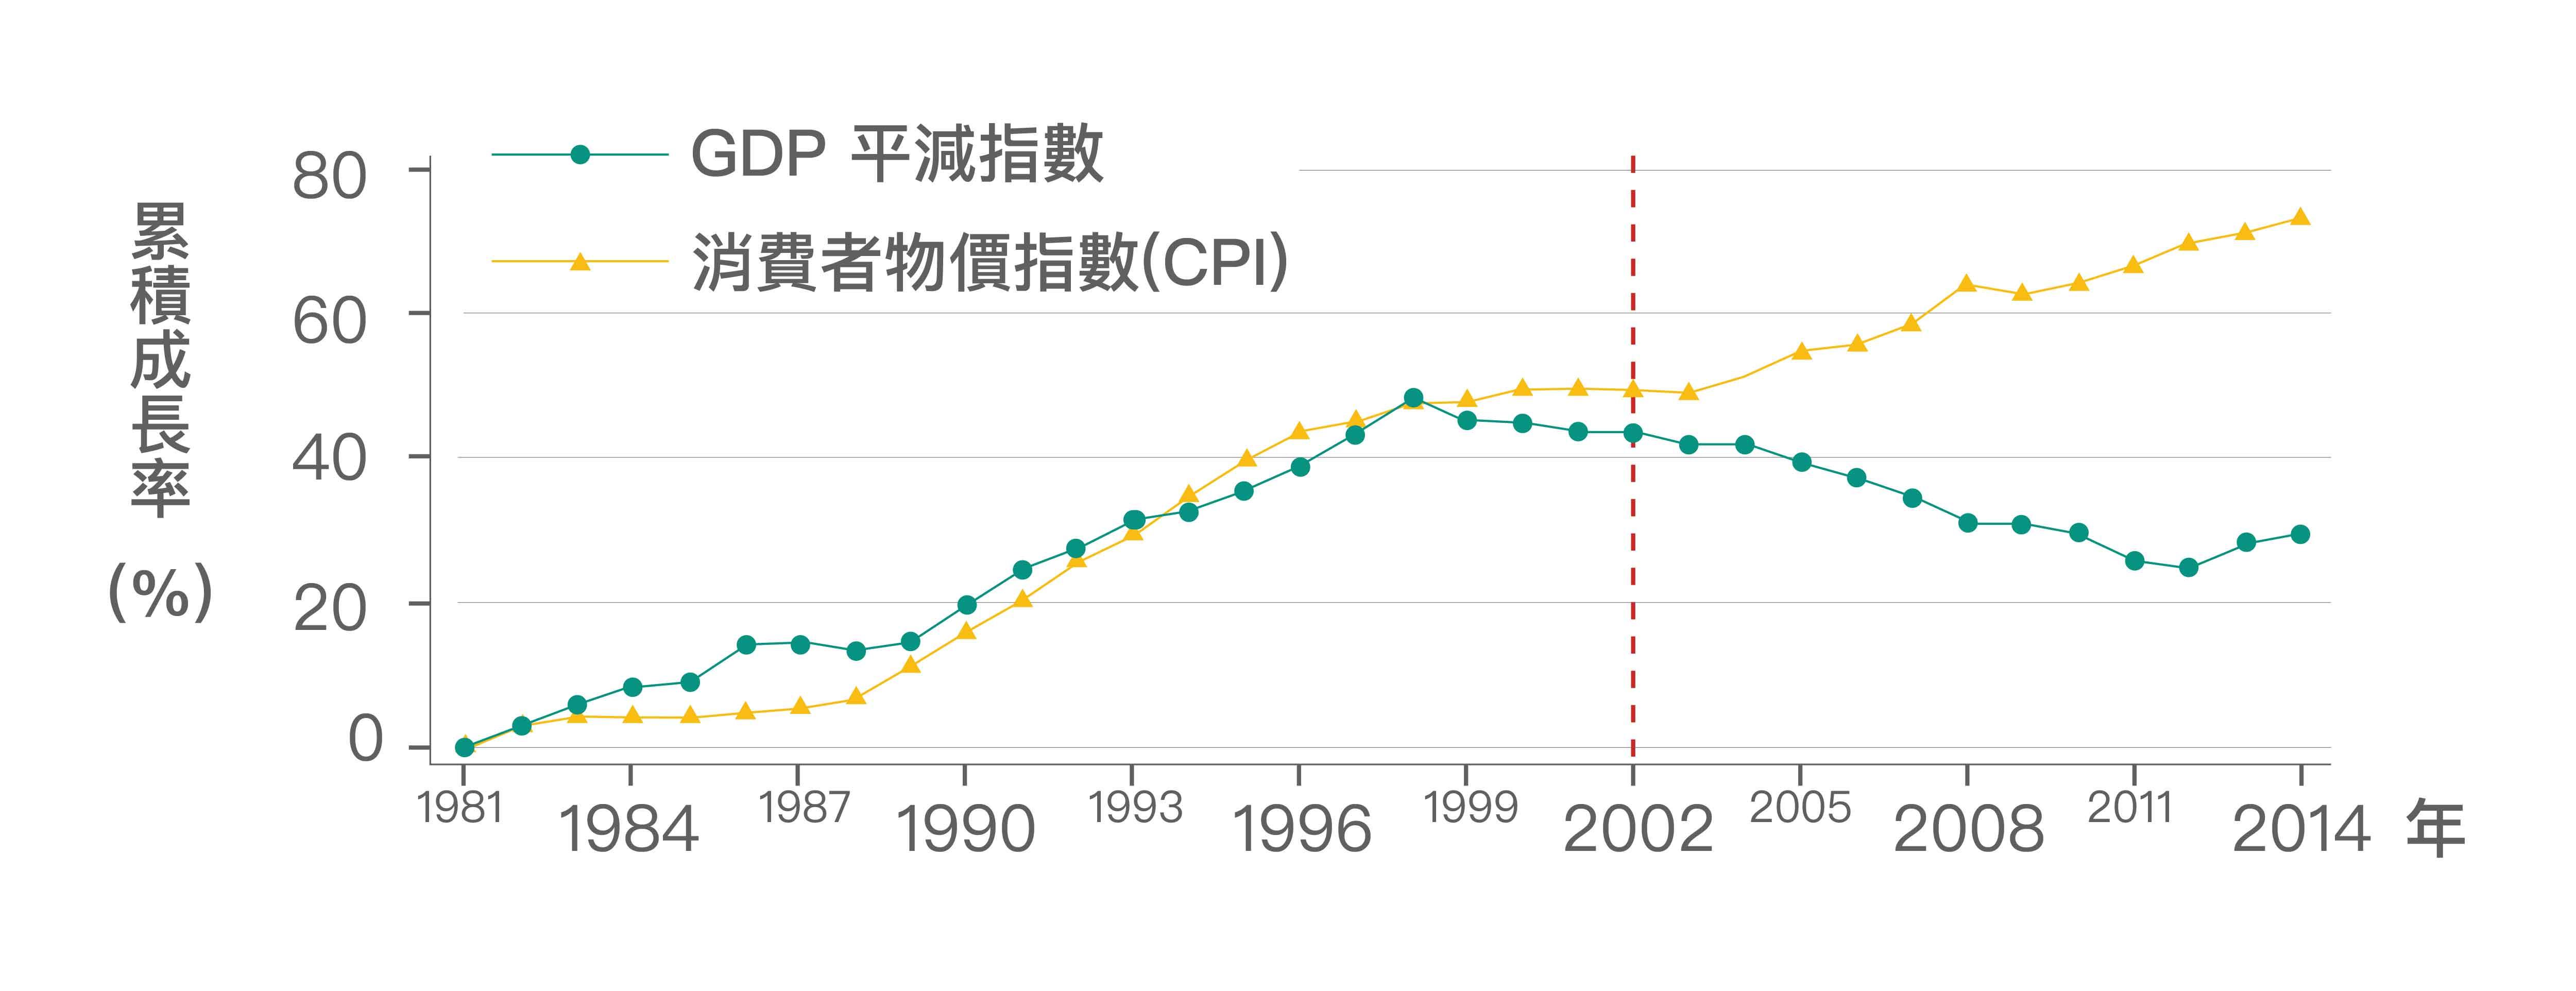 臺灣從 2002年開始, GDP 平減指數一直下跌,然而消費者物價指數 (CPI) 卻持續上漲。也就是說,我們生產的產品變賣成現金,越來越不夠買到想要的東西。圖│《經濟成長、薪資停滯?初探臺灣實質薪資與勞動生產力脫勾的成因》,作者:林依伶、楊子霆